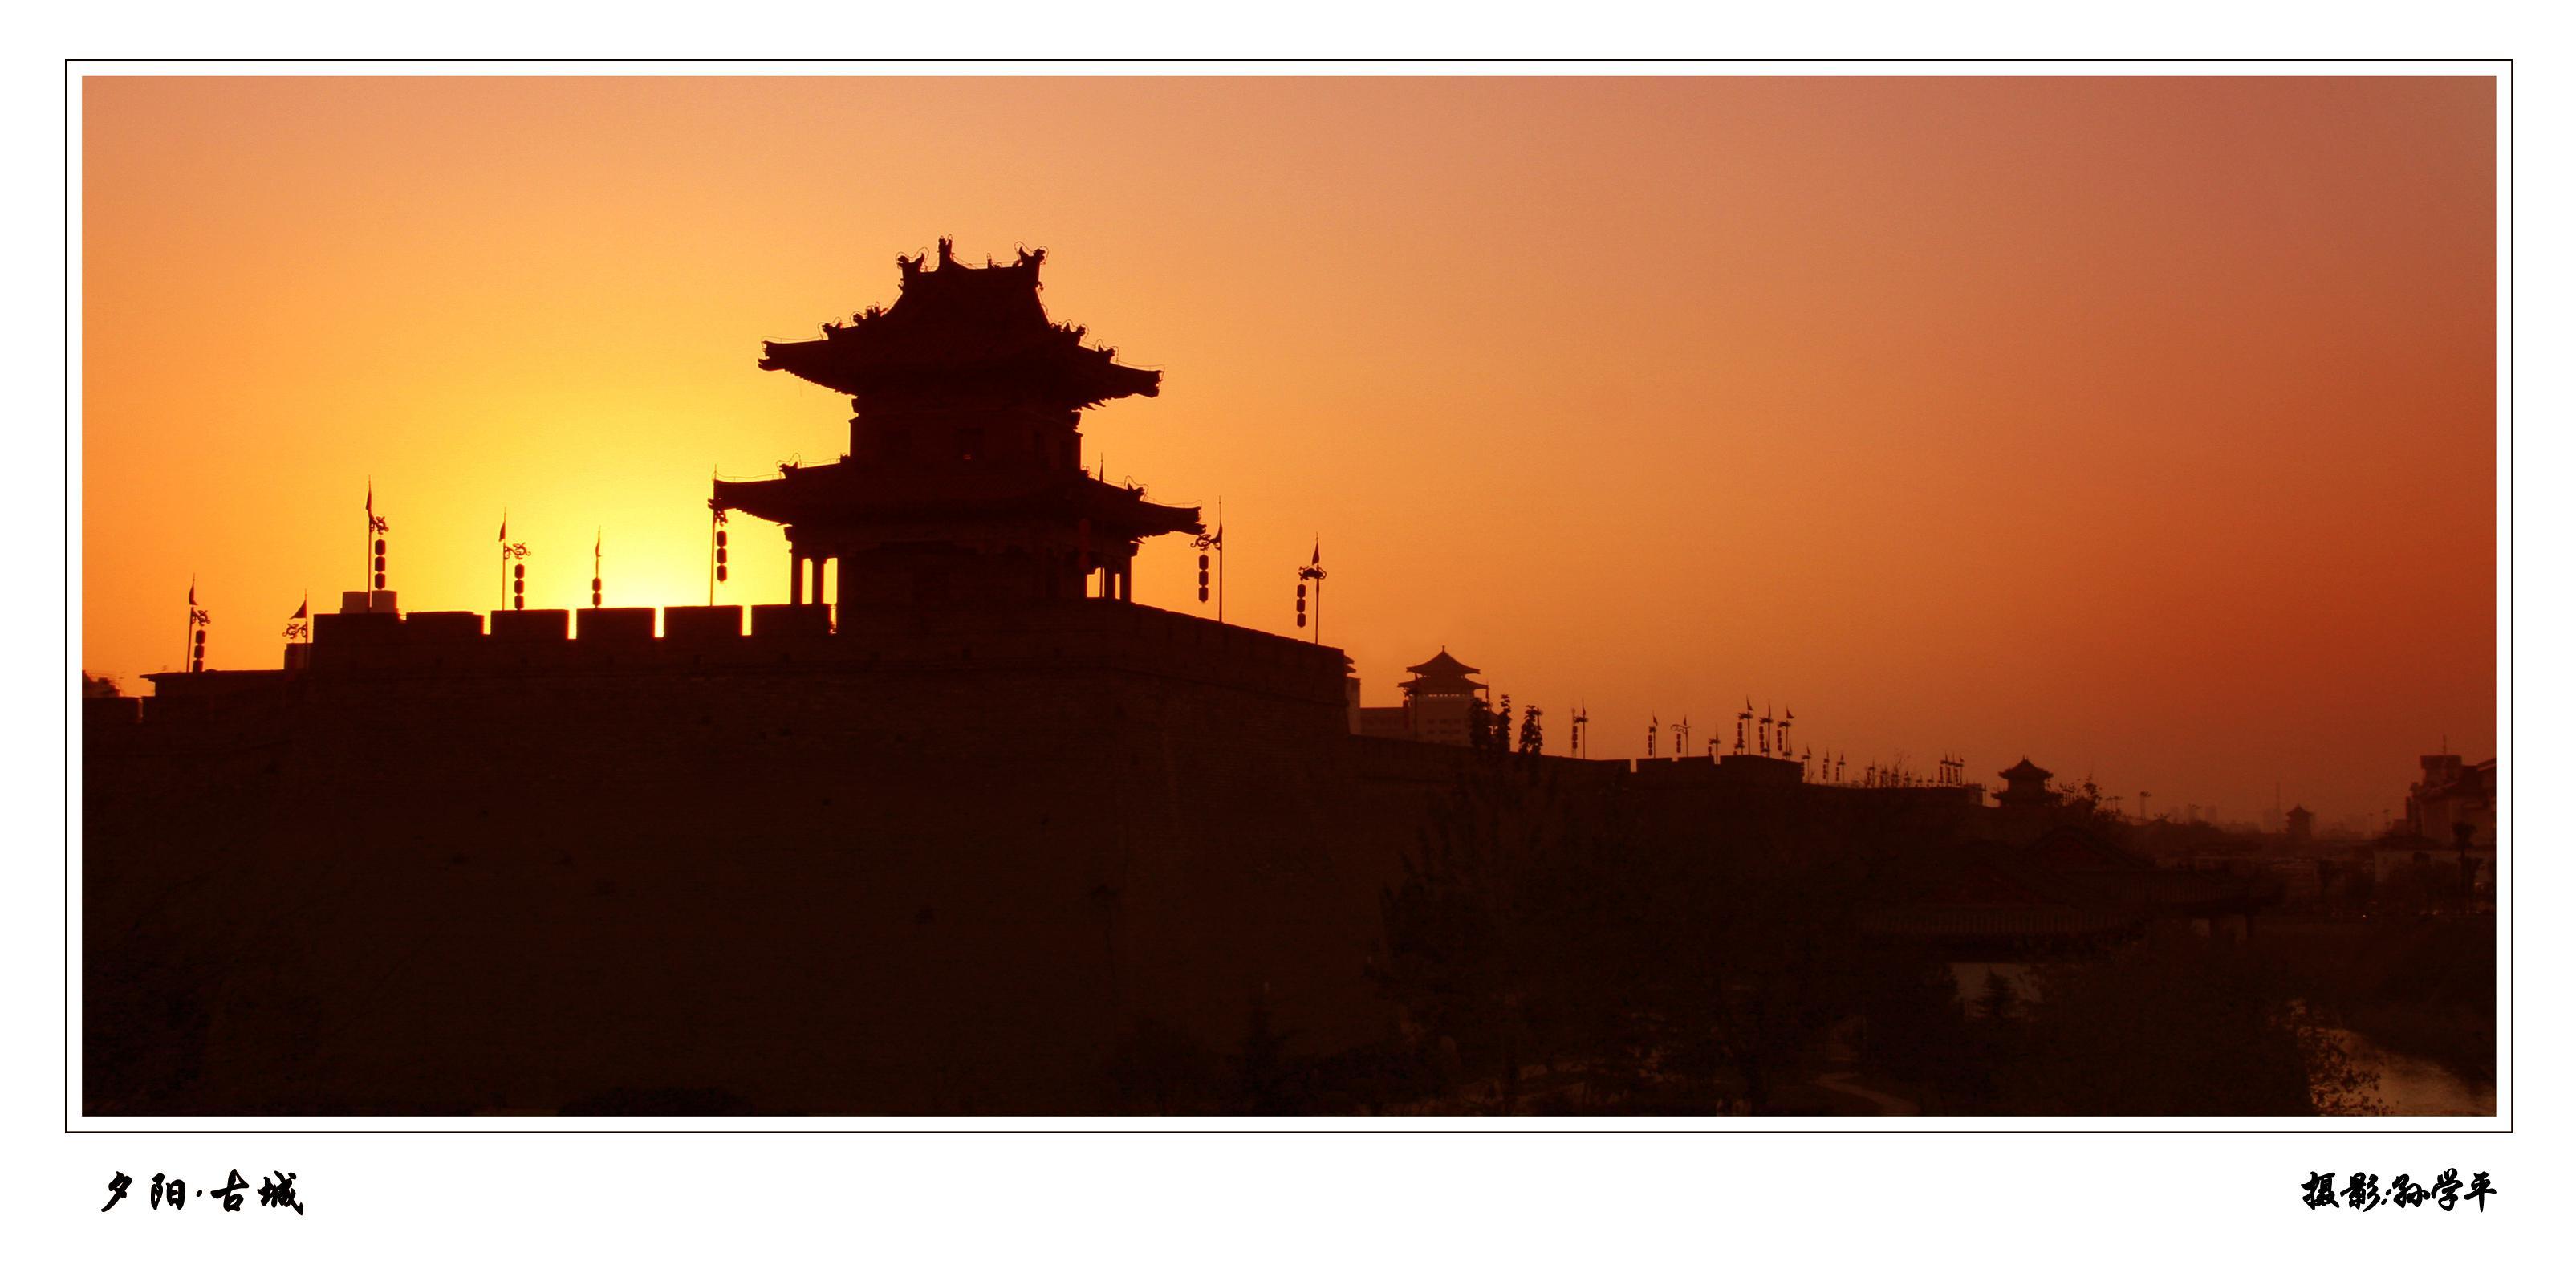 背景 壁纸 城楼 风景 旅游 天空 桌面 3210_1576